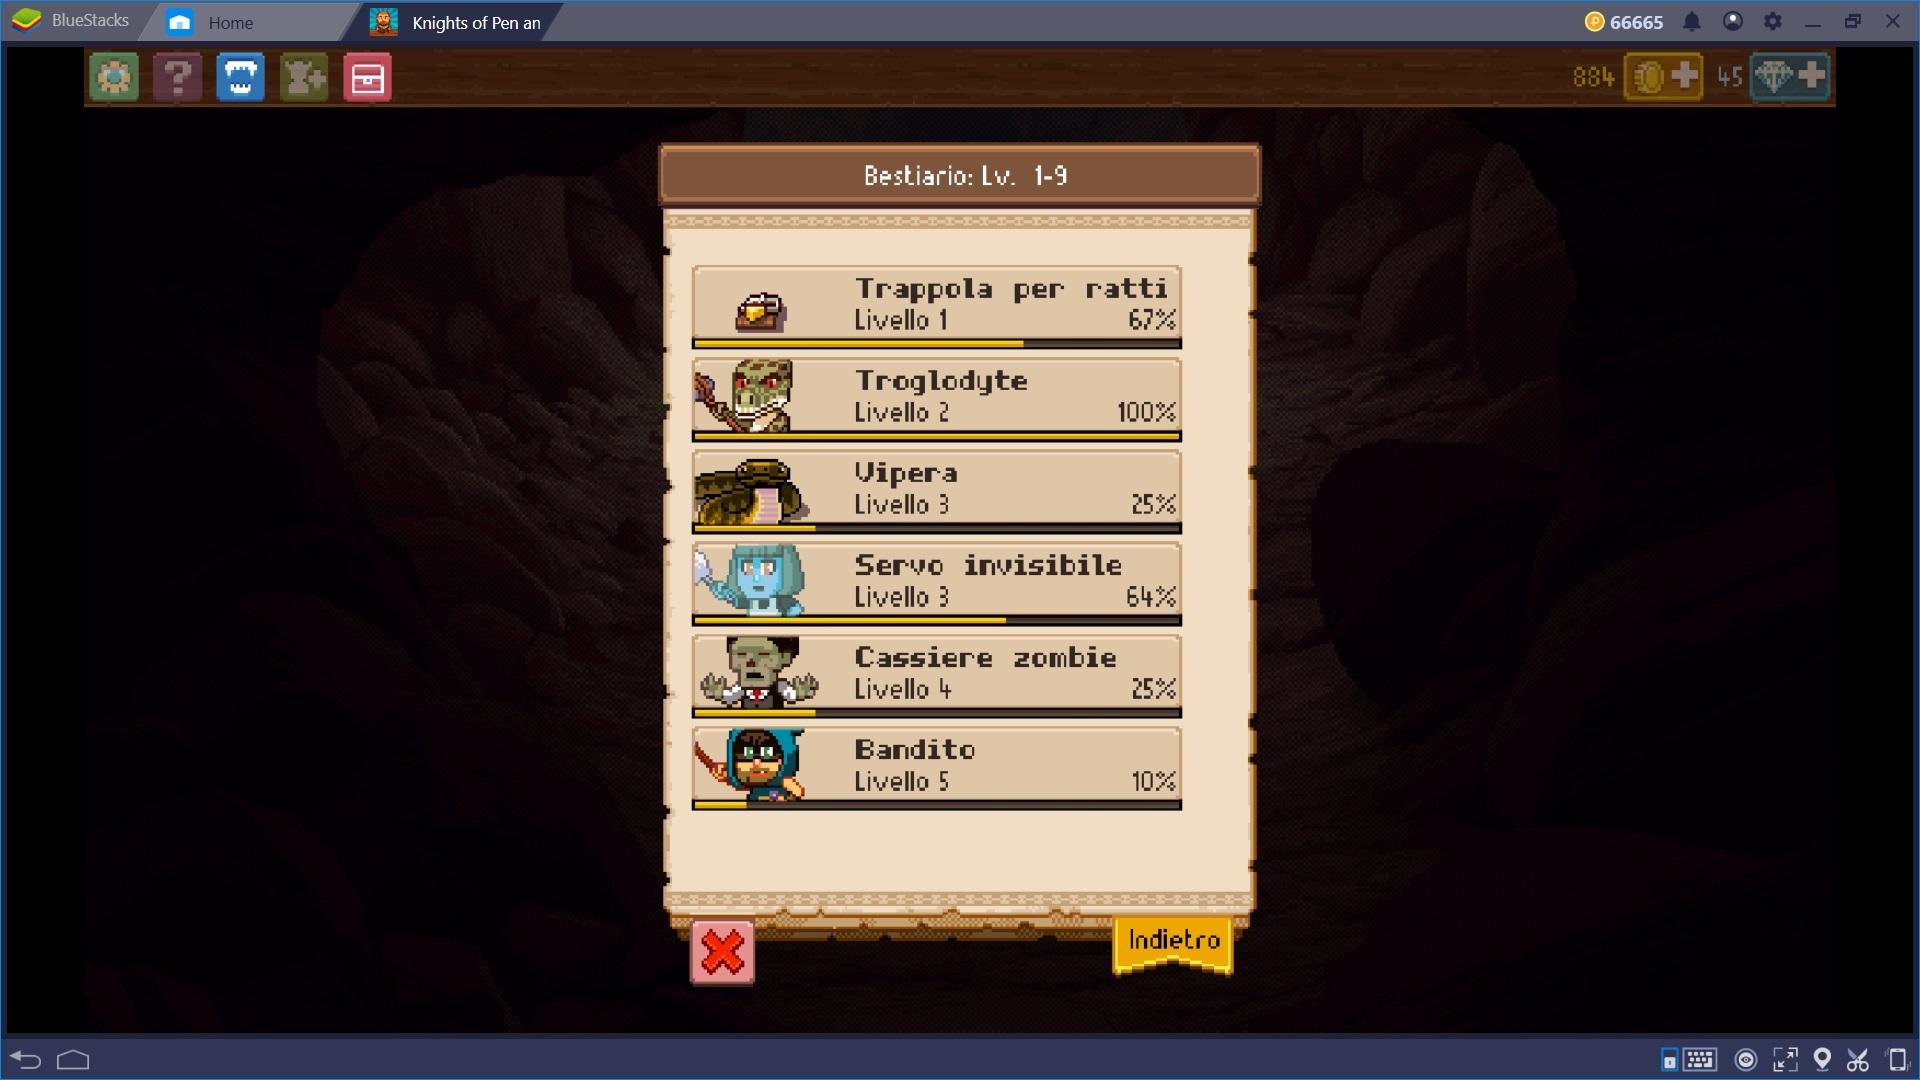 Trucchi e Consigli per affrontare l'avventura di Knights of Pen & Paper 2